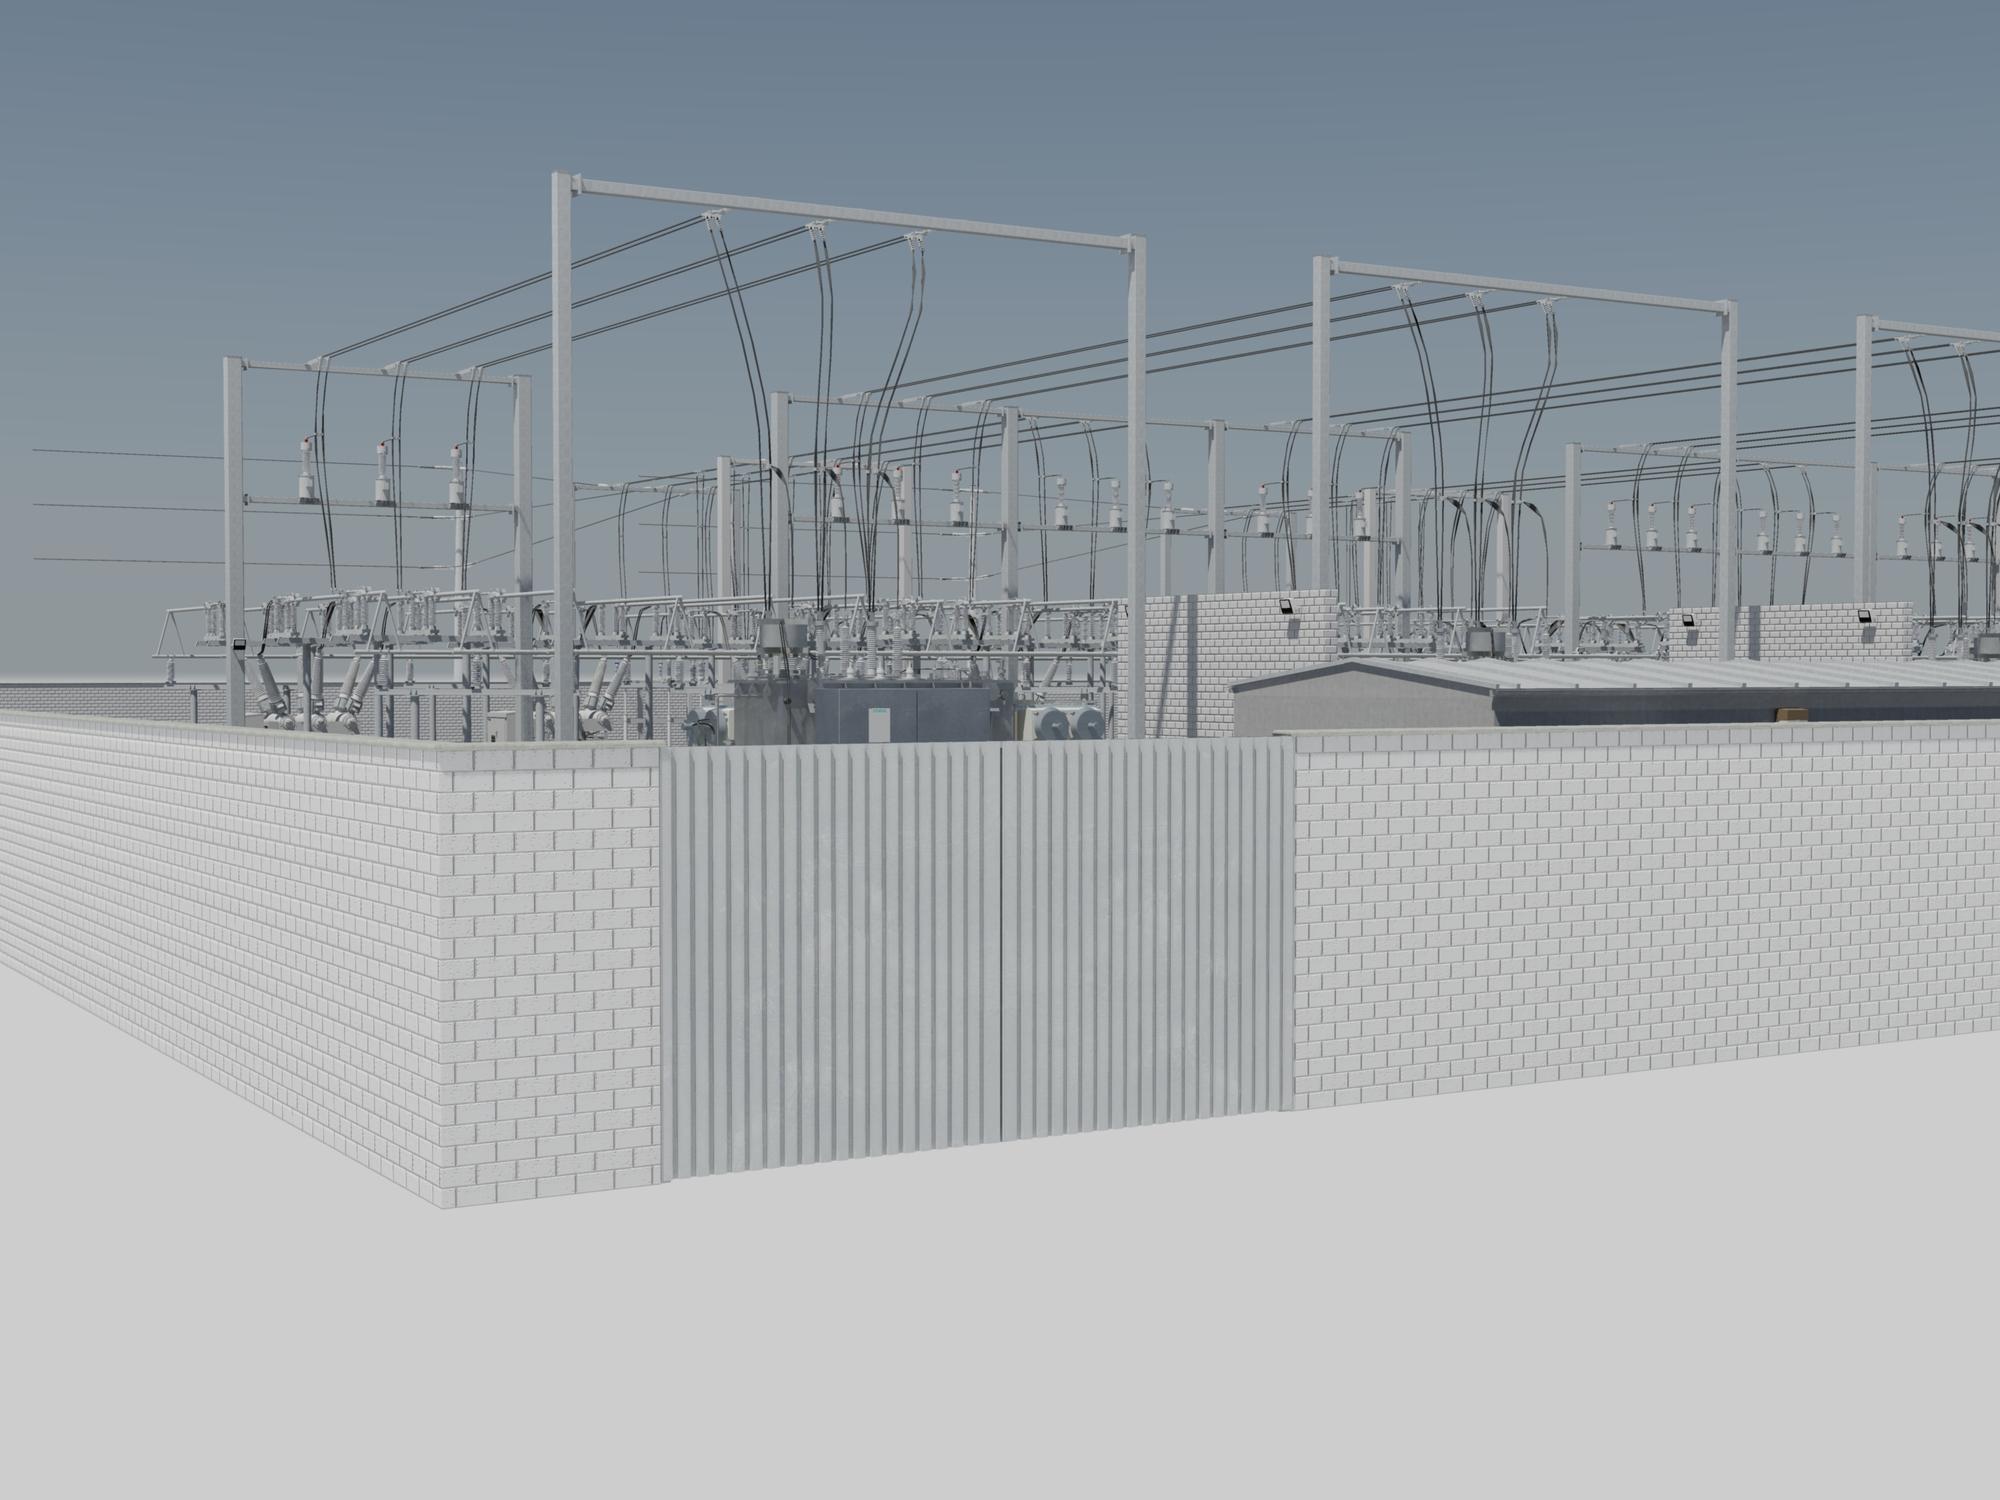 Substation design autodesk online gallery for Substation design